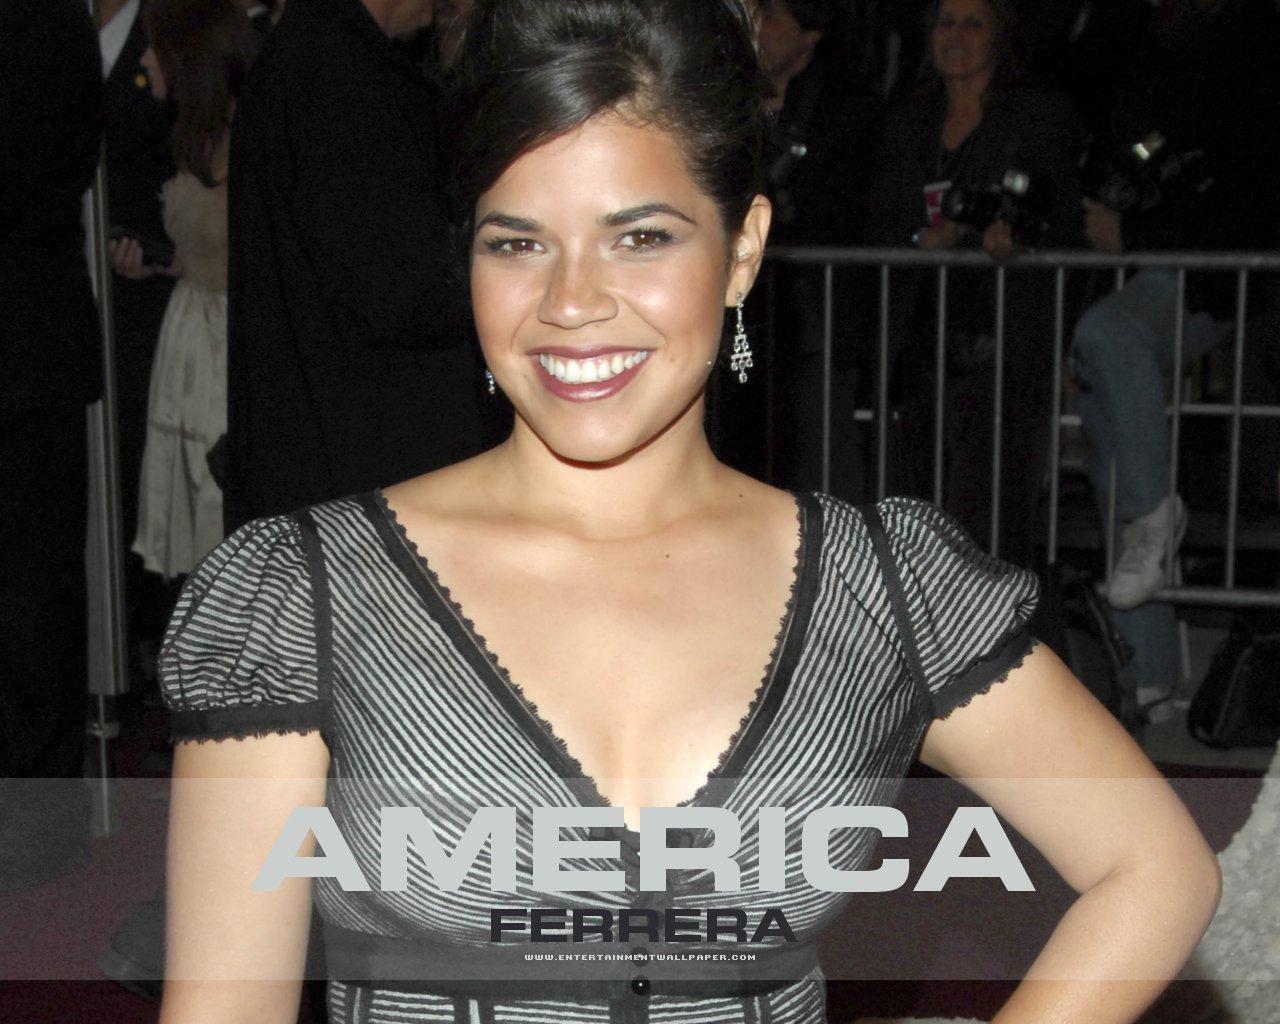 America Ferrera - Picture Gallery